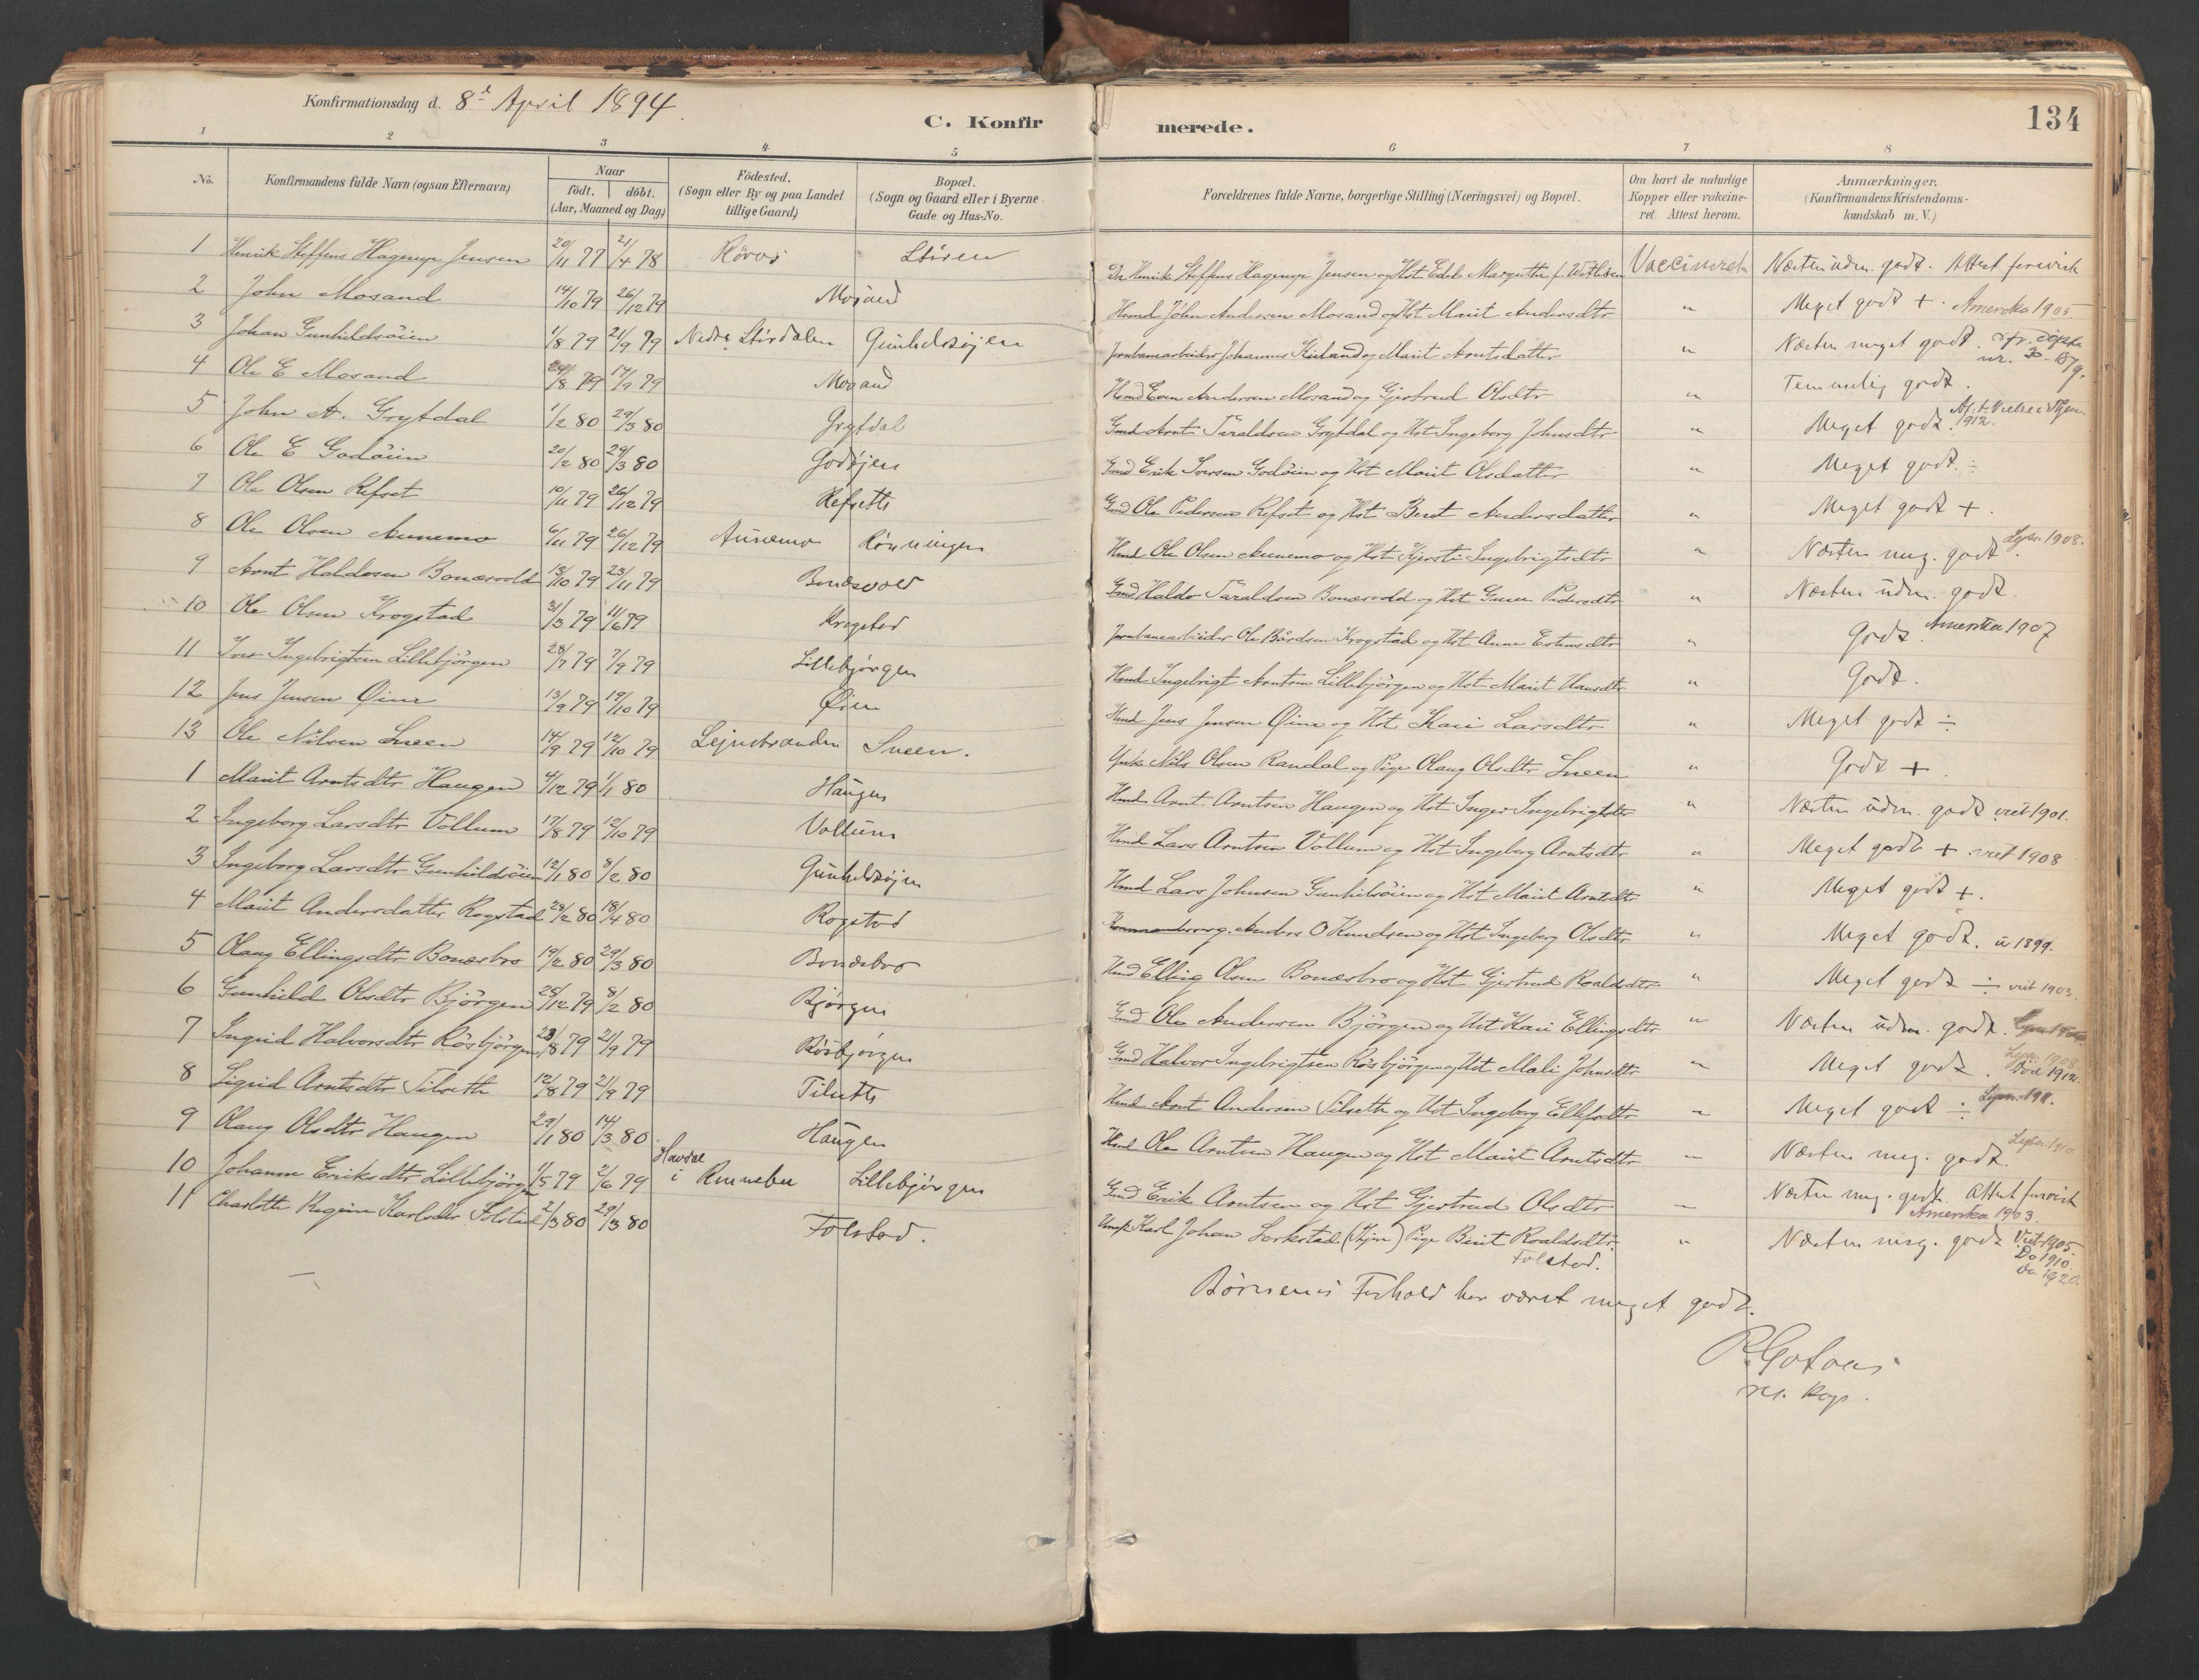 SAT, Ministerialprotokoller, klokkerbøker og fødselsregistre - Sør-Trøndelag, 687/L1004: Ministerialbok nr. 687A10, 1891-1923, s. 134